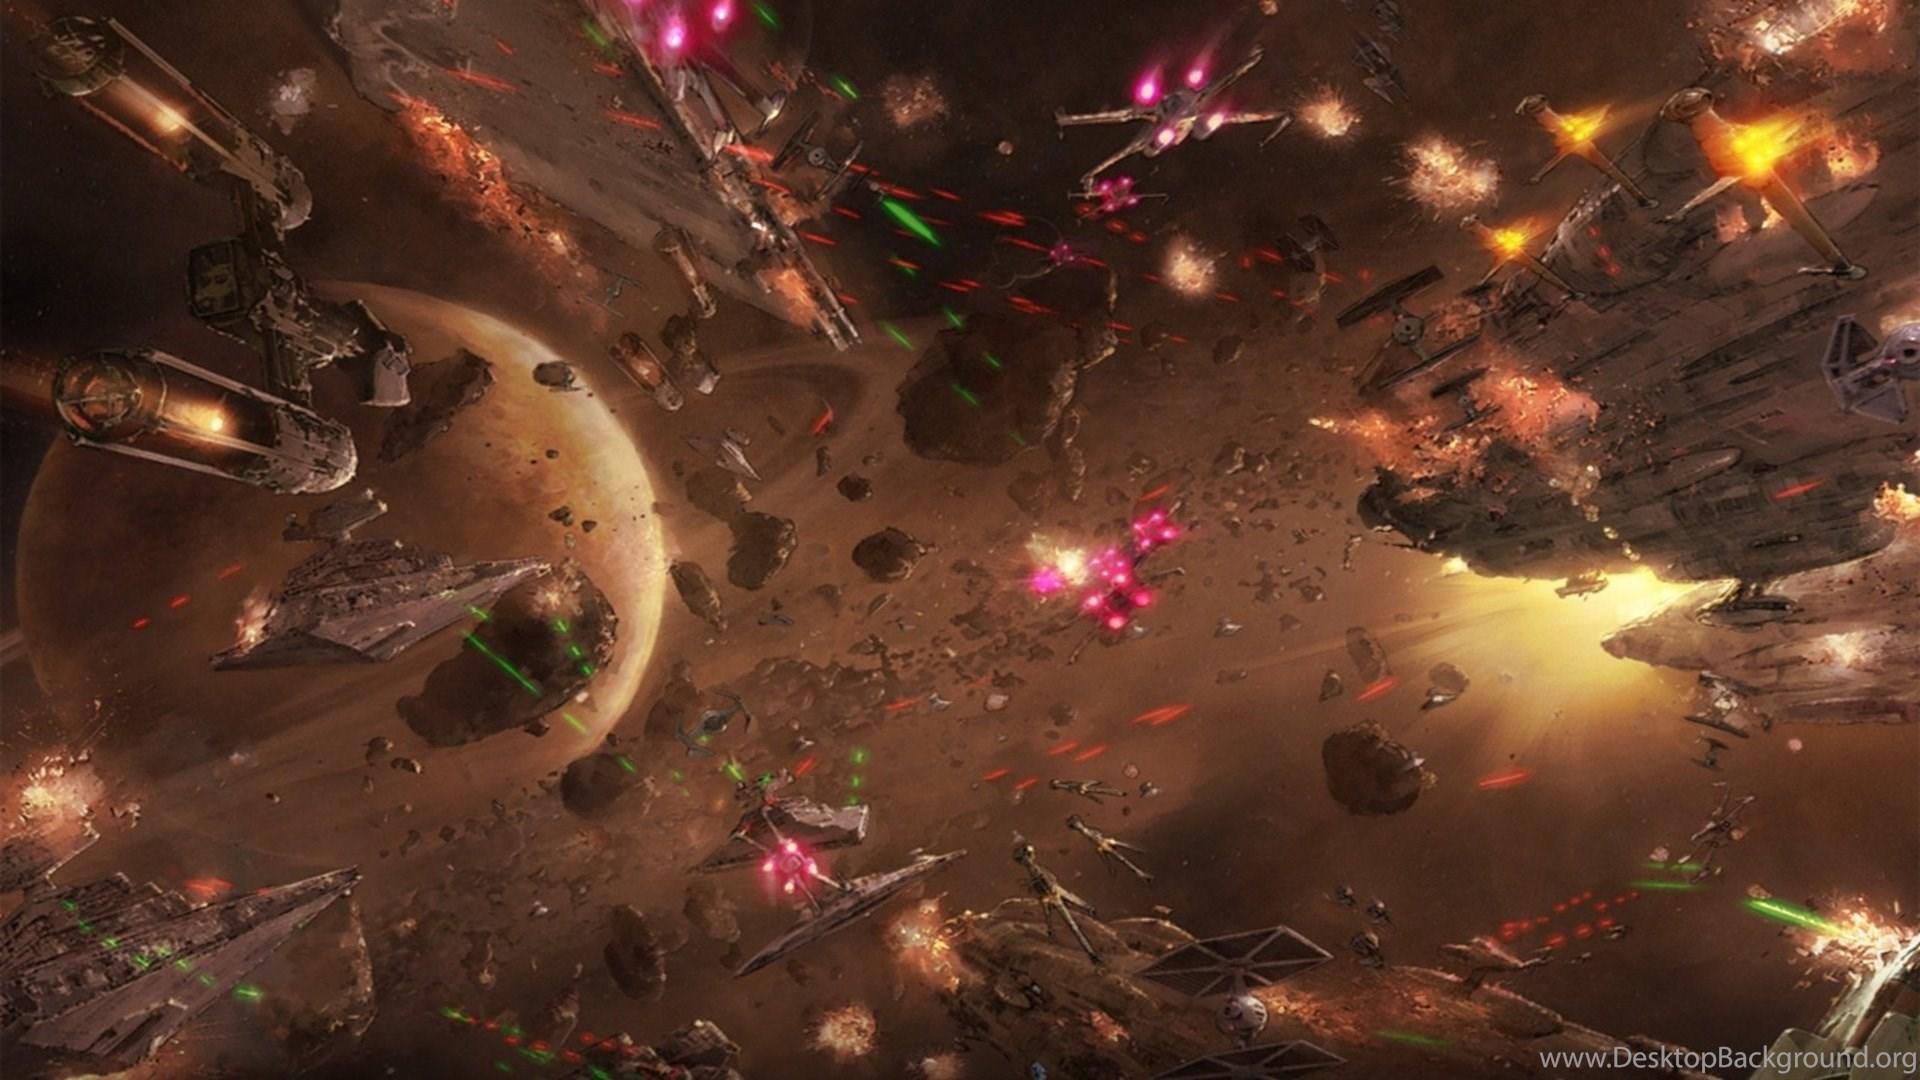 Star Wars Space Battle Hd Wallpapers Desktop Background